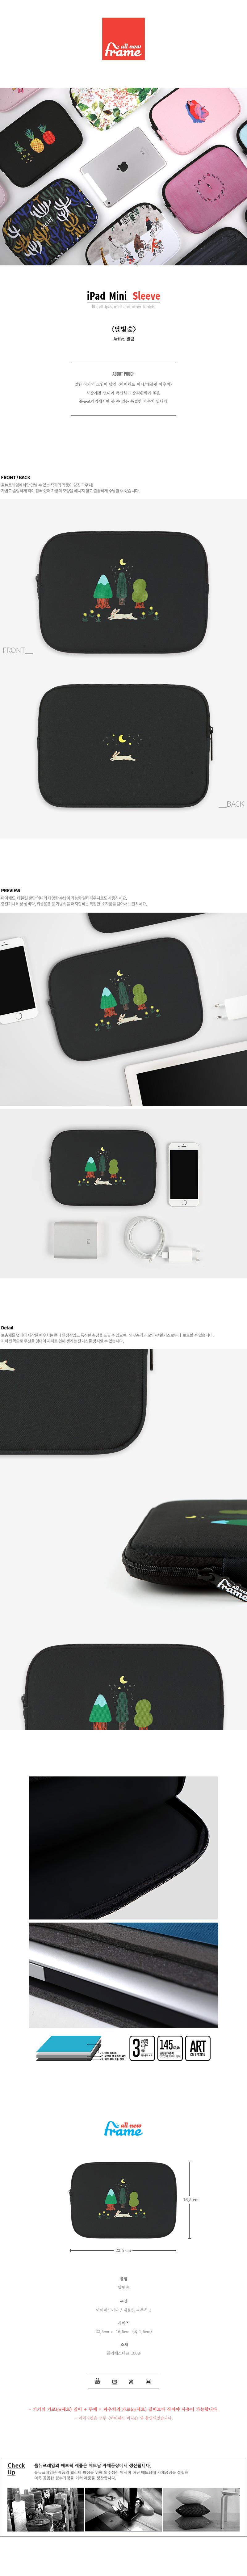 (아이패드미니) 달빛숲 - 올뉴프레임, 18,000원, 케이스, 아이패드/미니